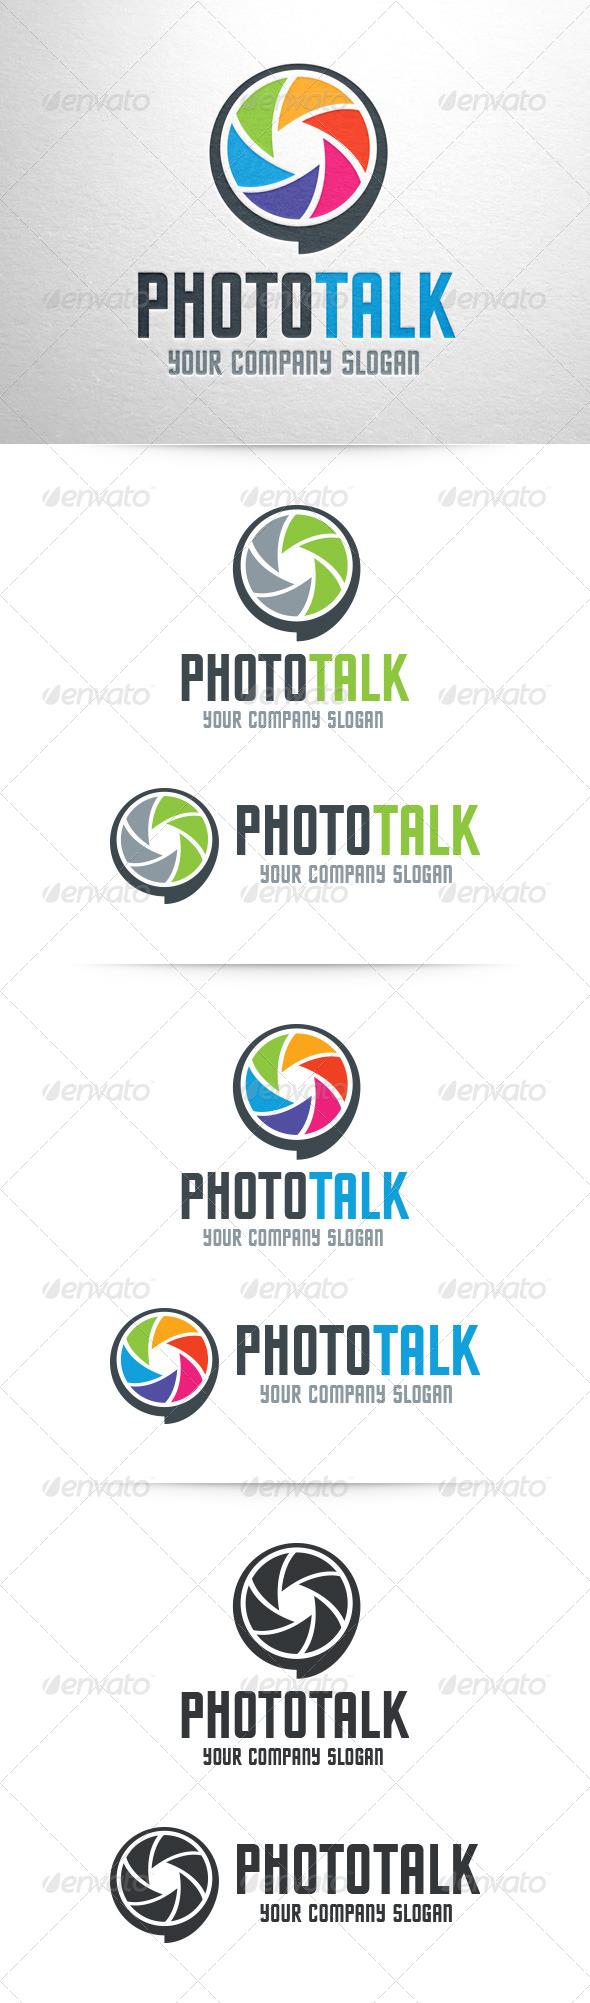 GraphicRiver Photo Talk Logo Template 7192905